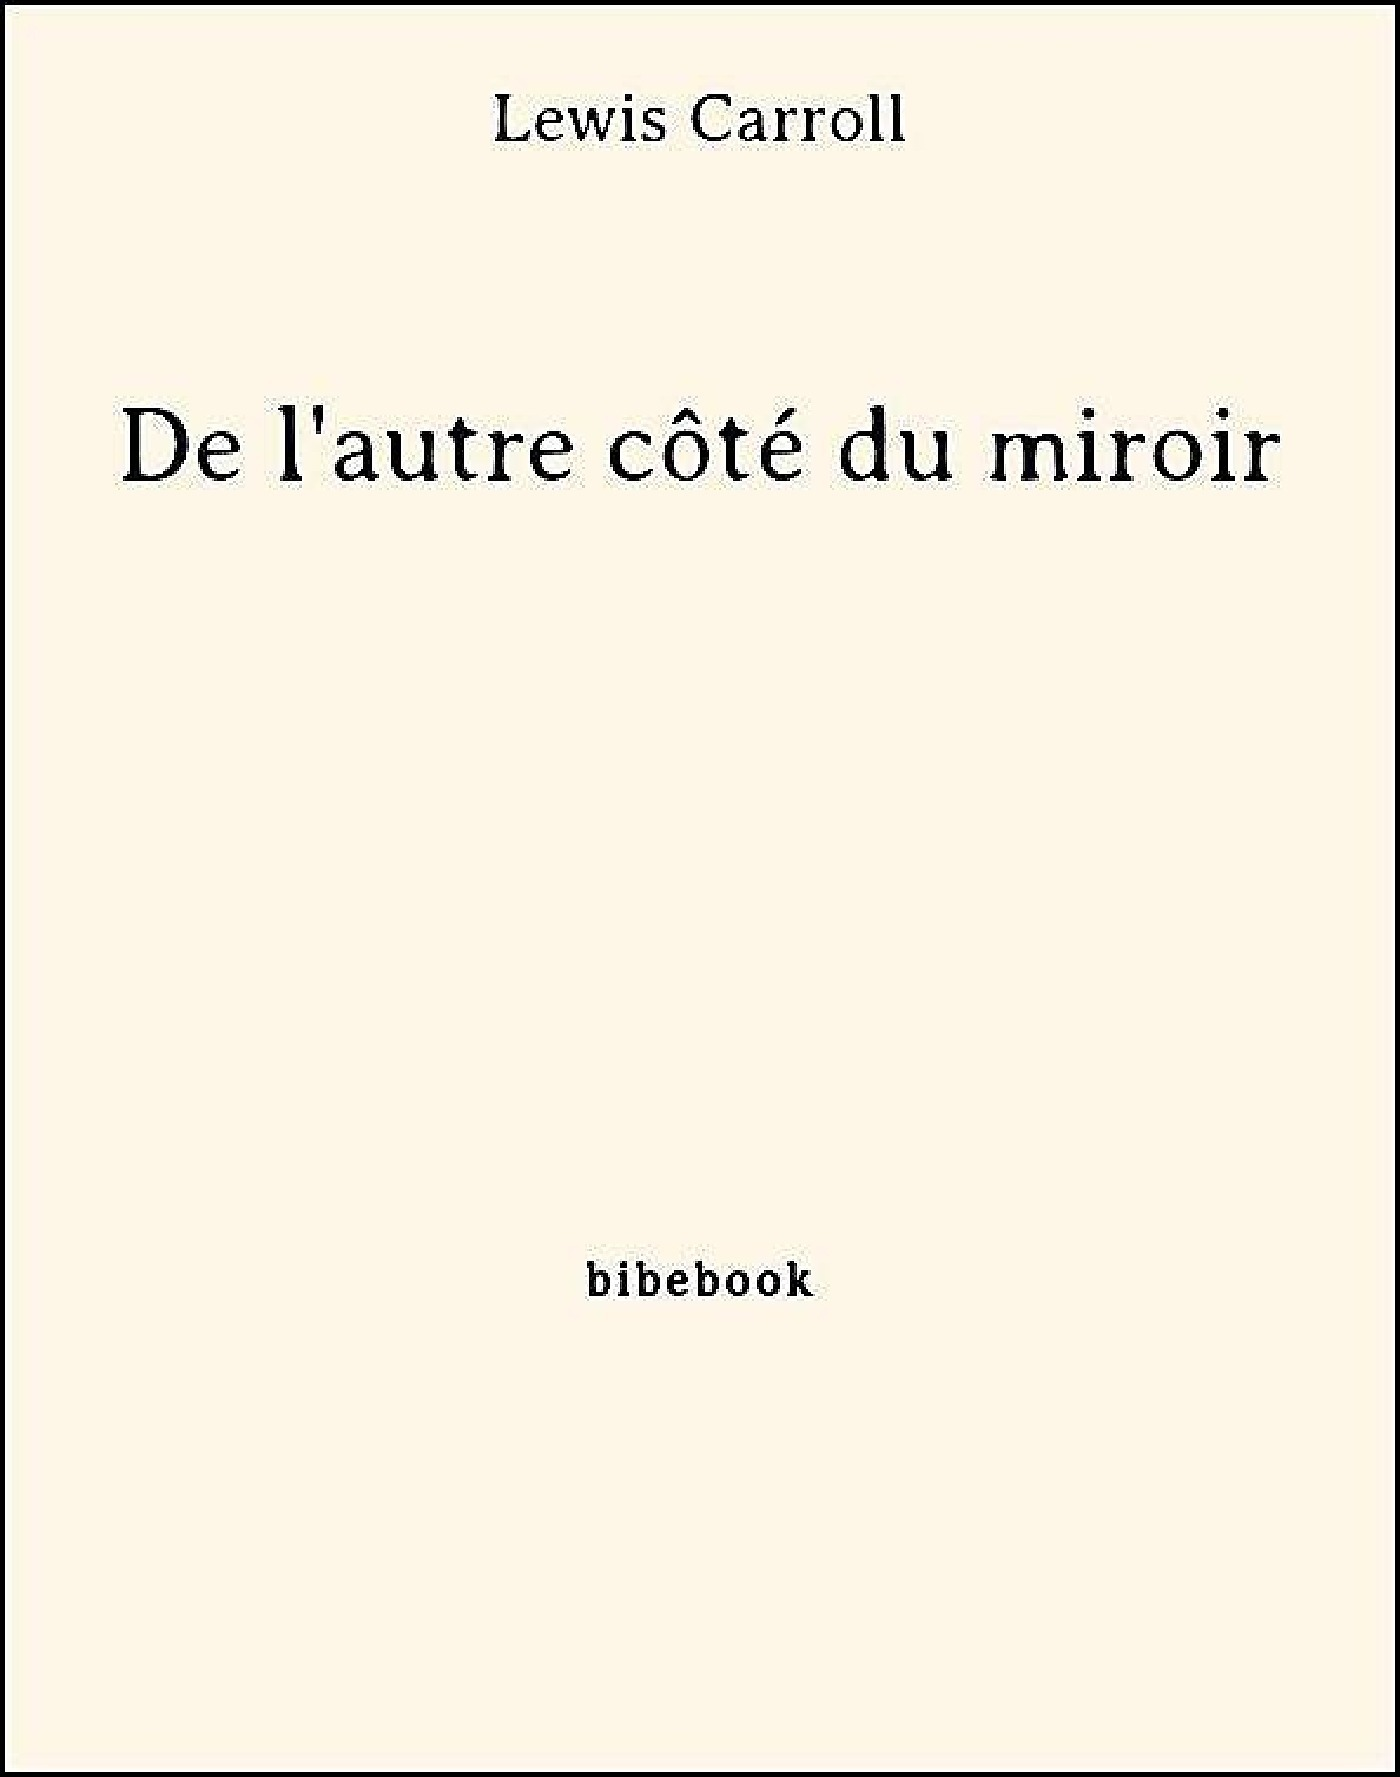 De l'autre côté du miroir